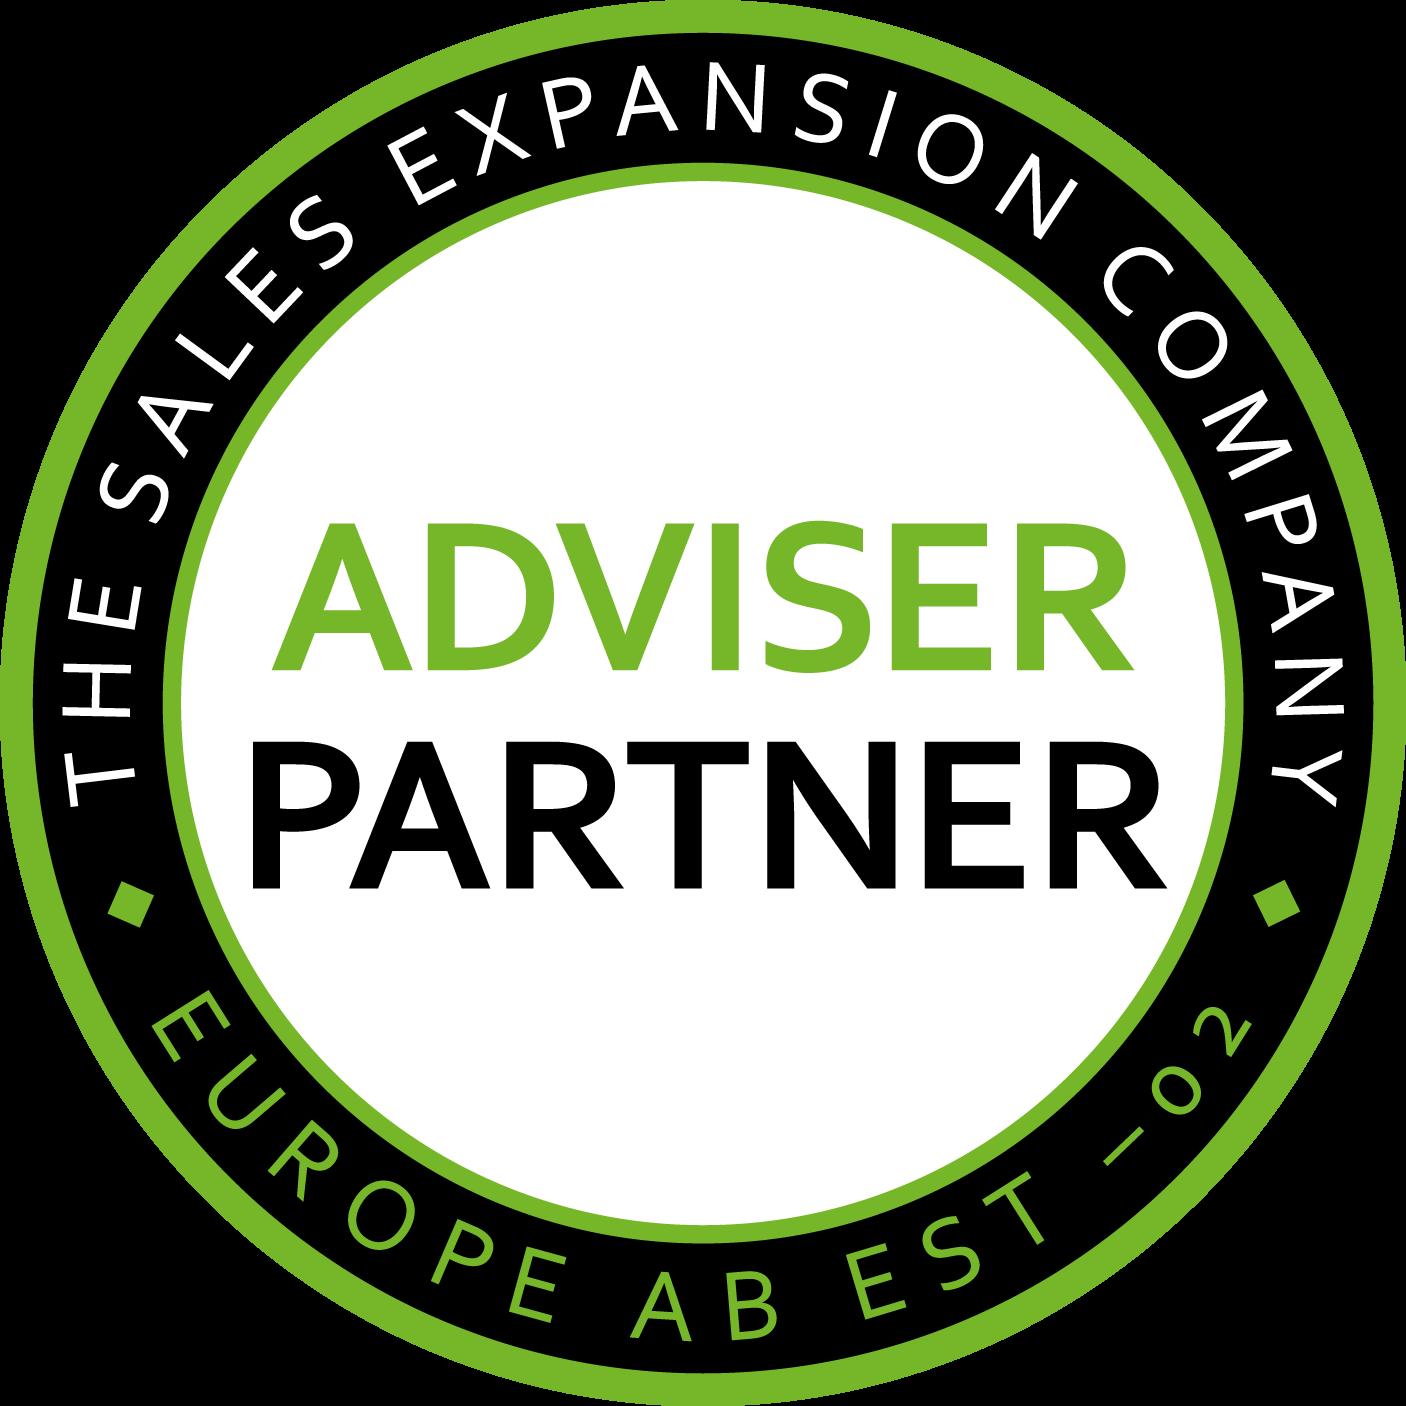 adviser-partner-logo